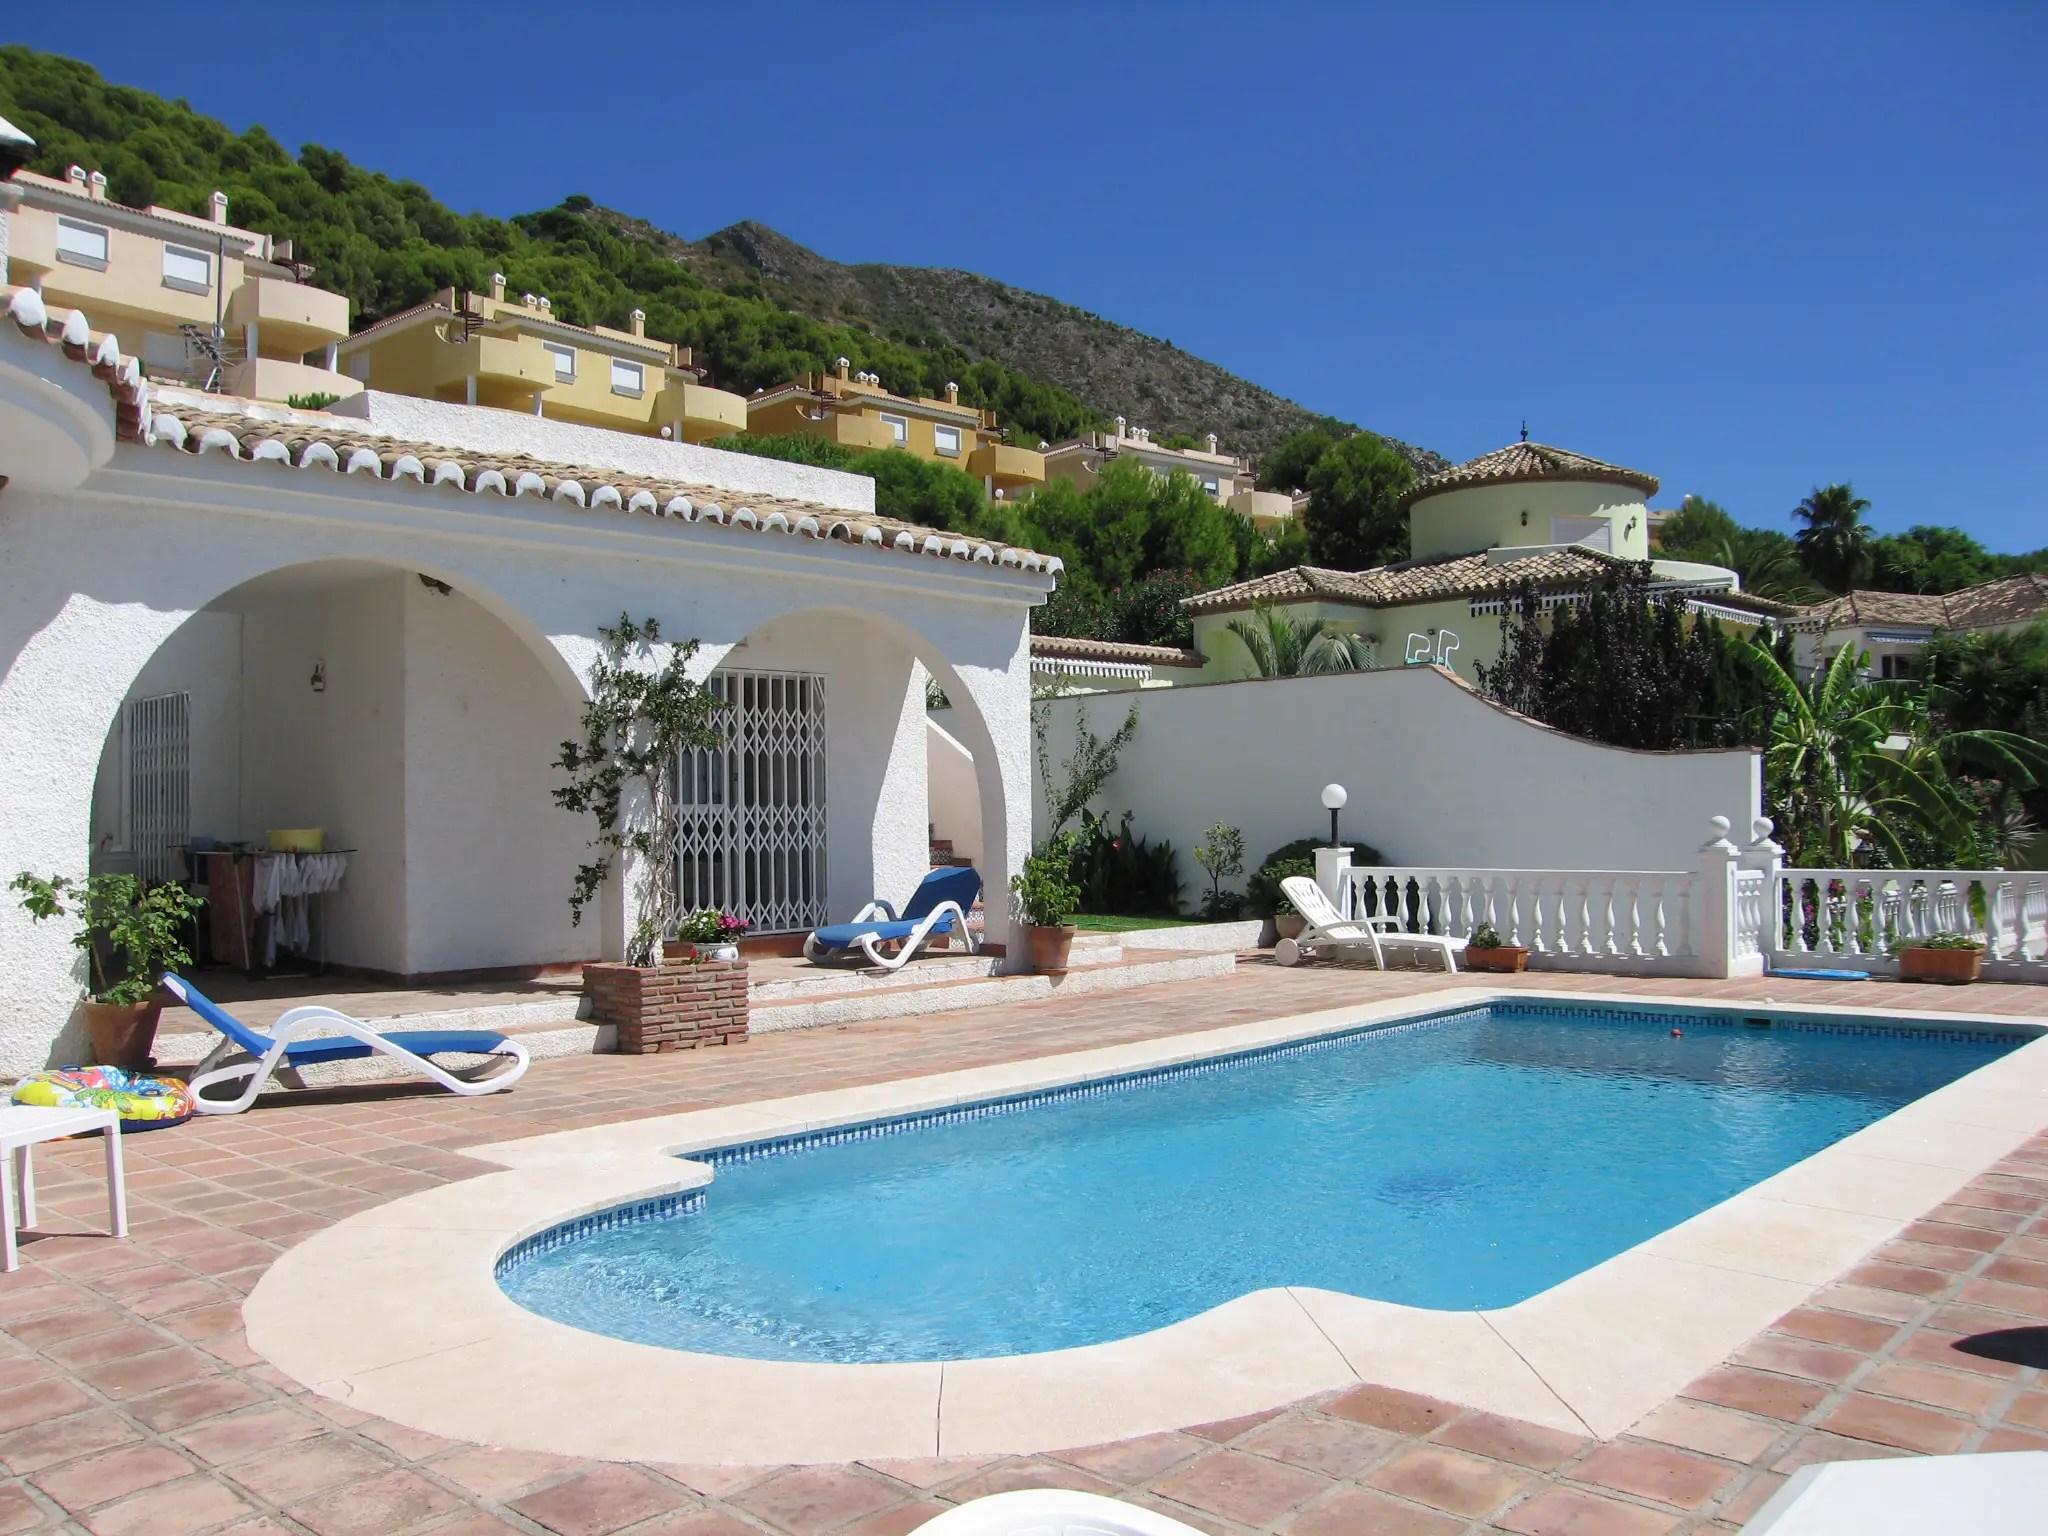 Casa Pepe Holiday Rental near Mijas